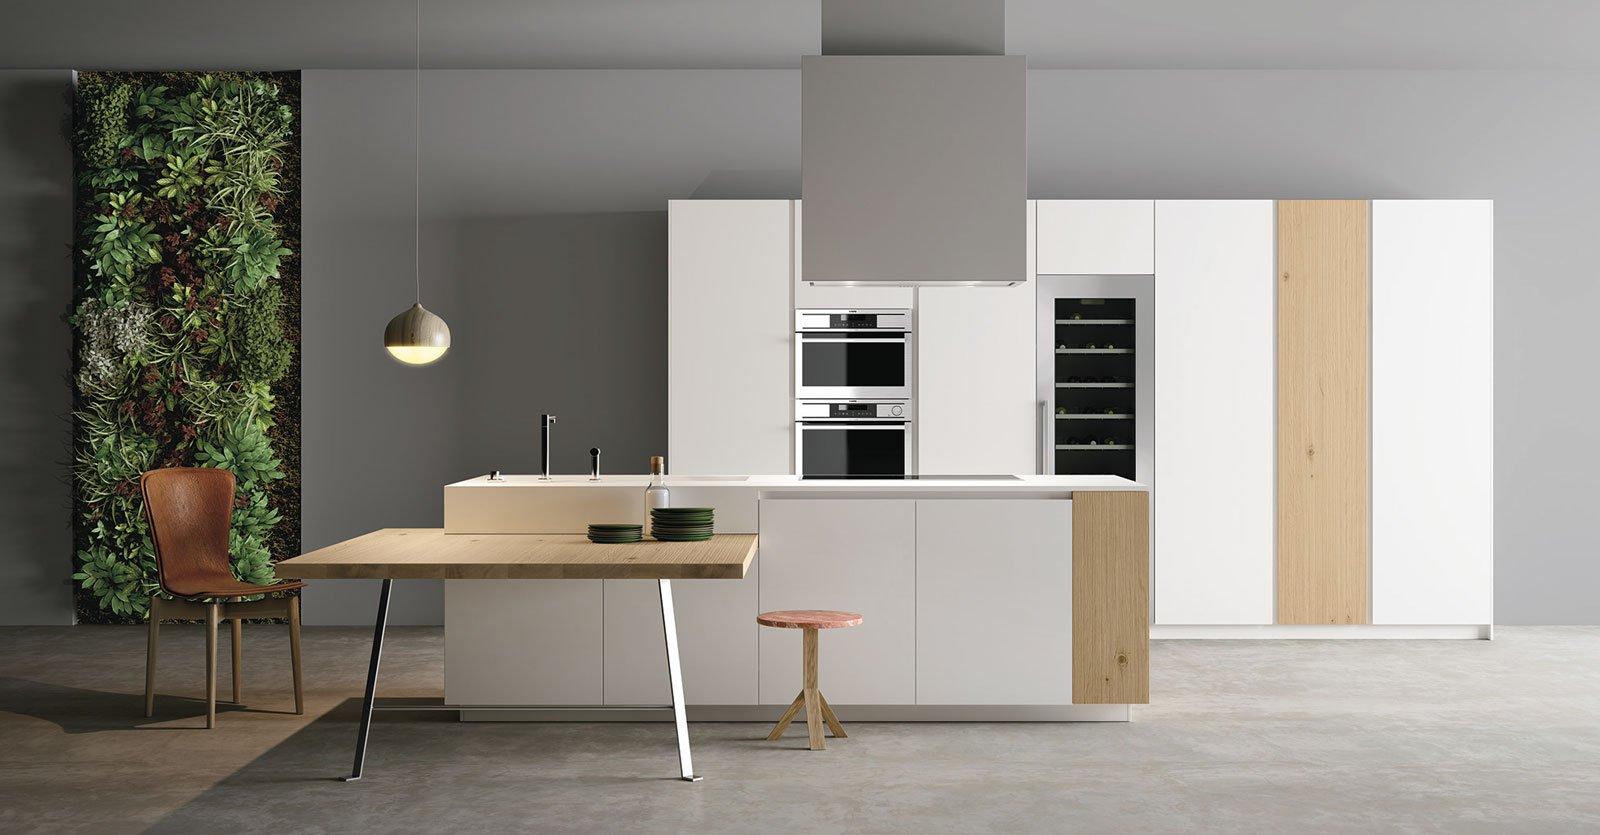 Cucine Con Armadiature A Colonna. Per Contenere Di Più Cose Di Casa #718546 1600 835 Cucine Piccole Dimensioni Con Isola